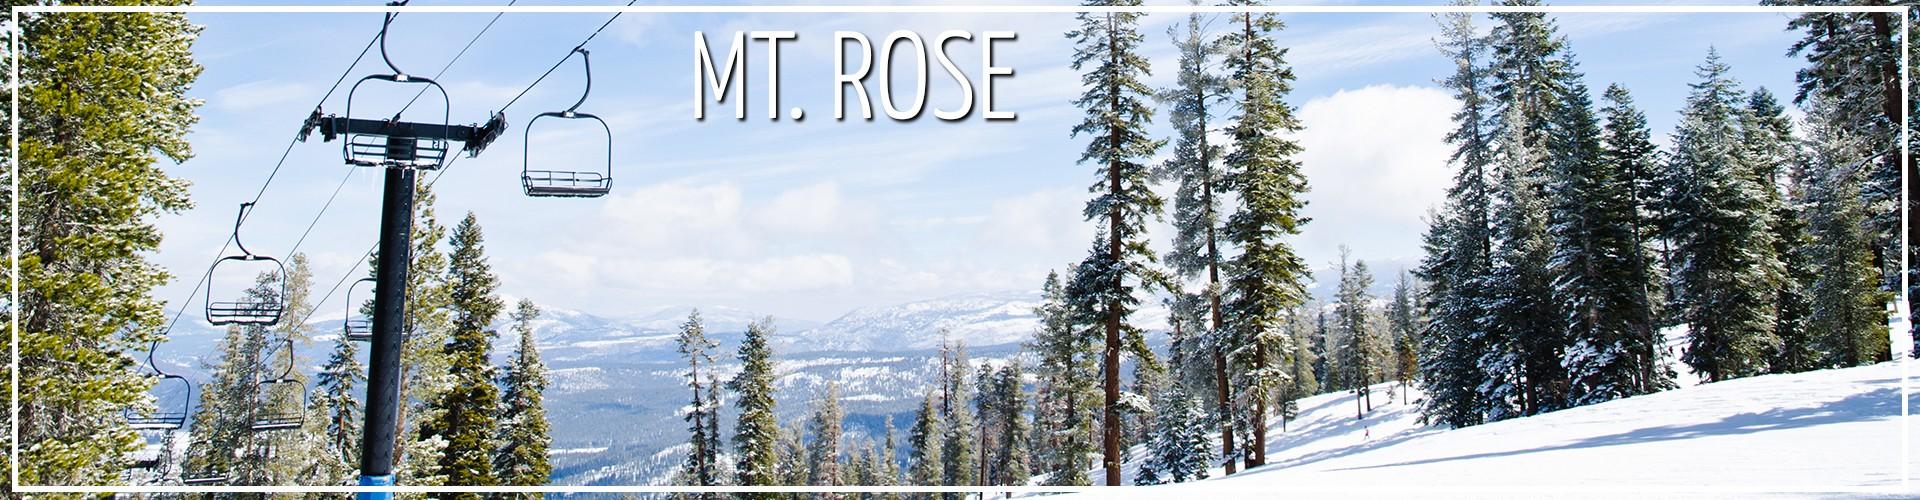 mt rose